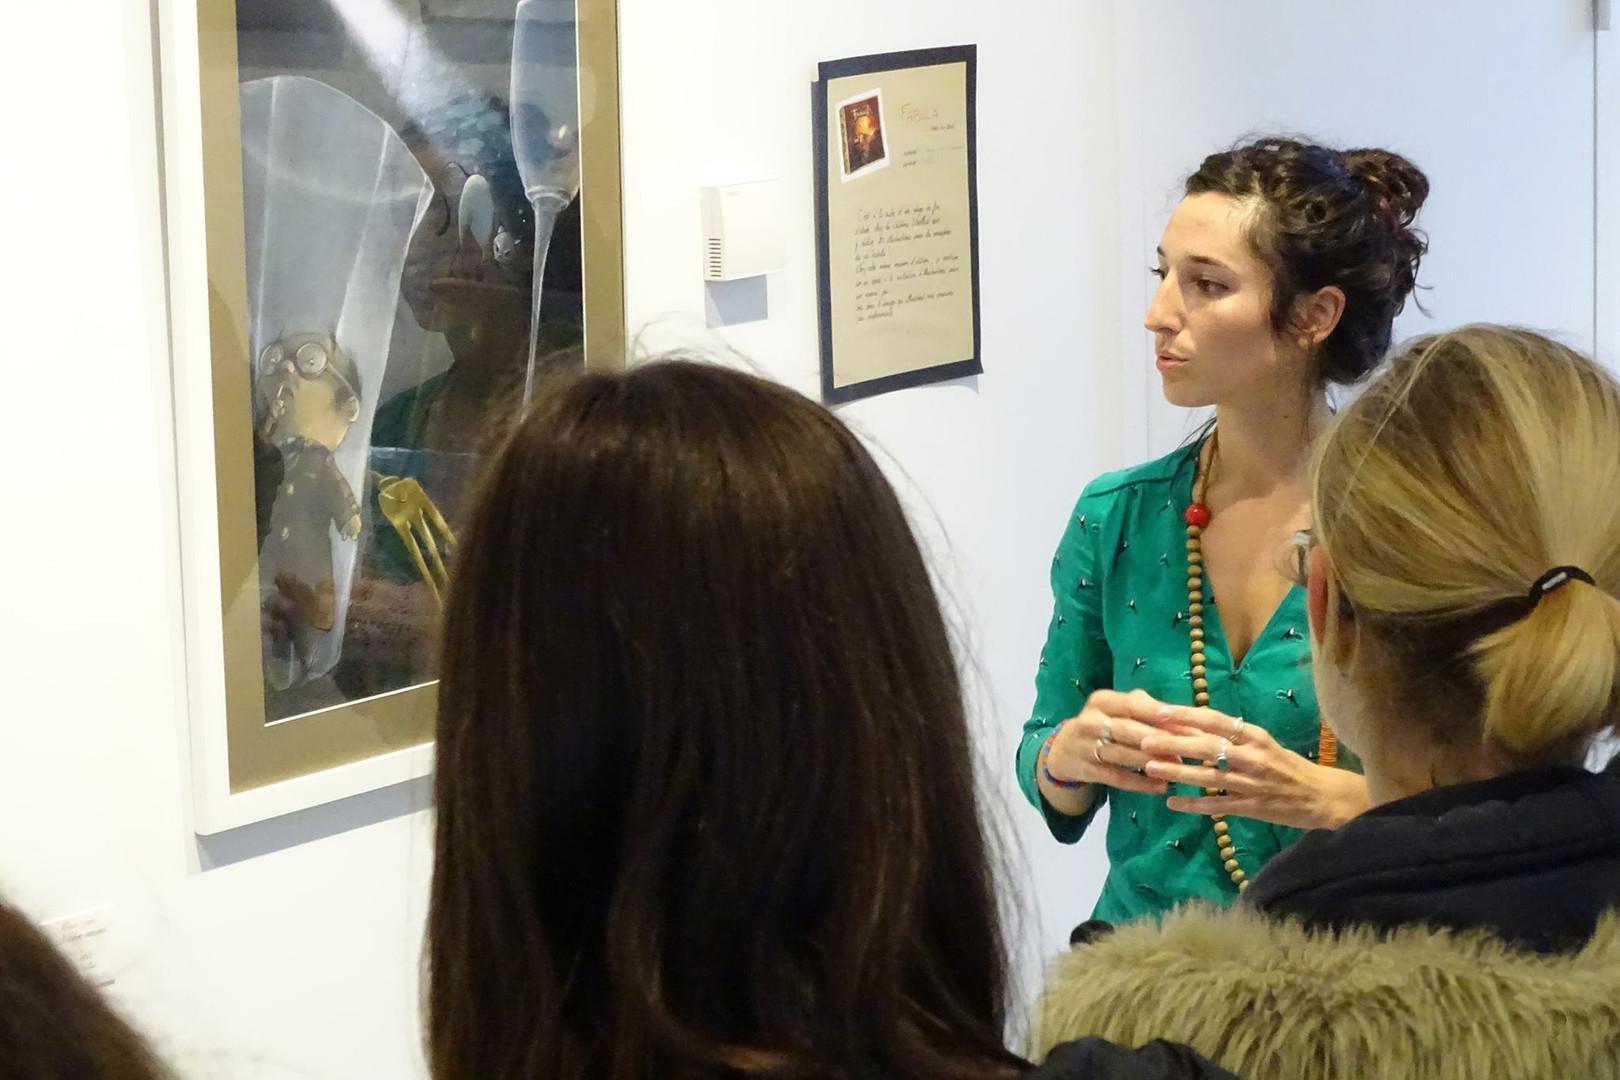 Rencontre avec des élèves de collège durant une exposition à la médiathèque de Pontchâteau (44)